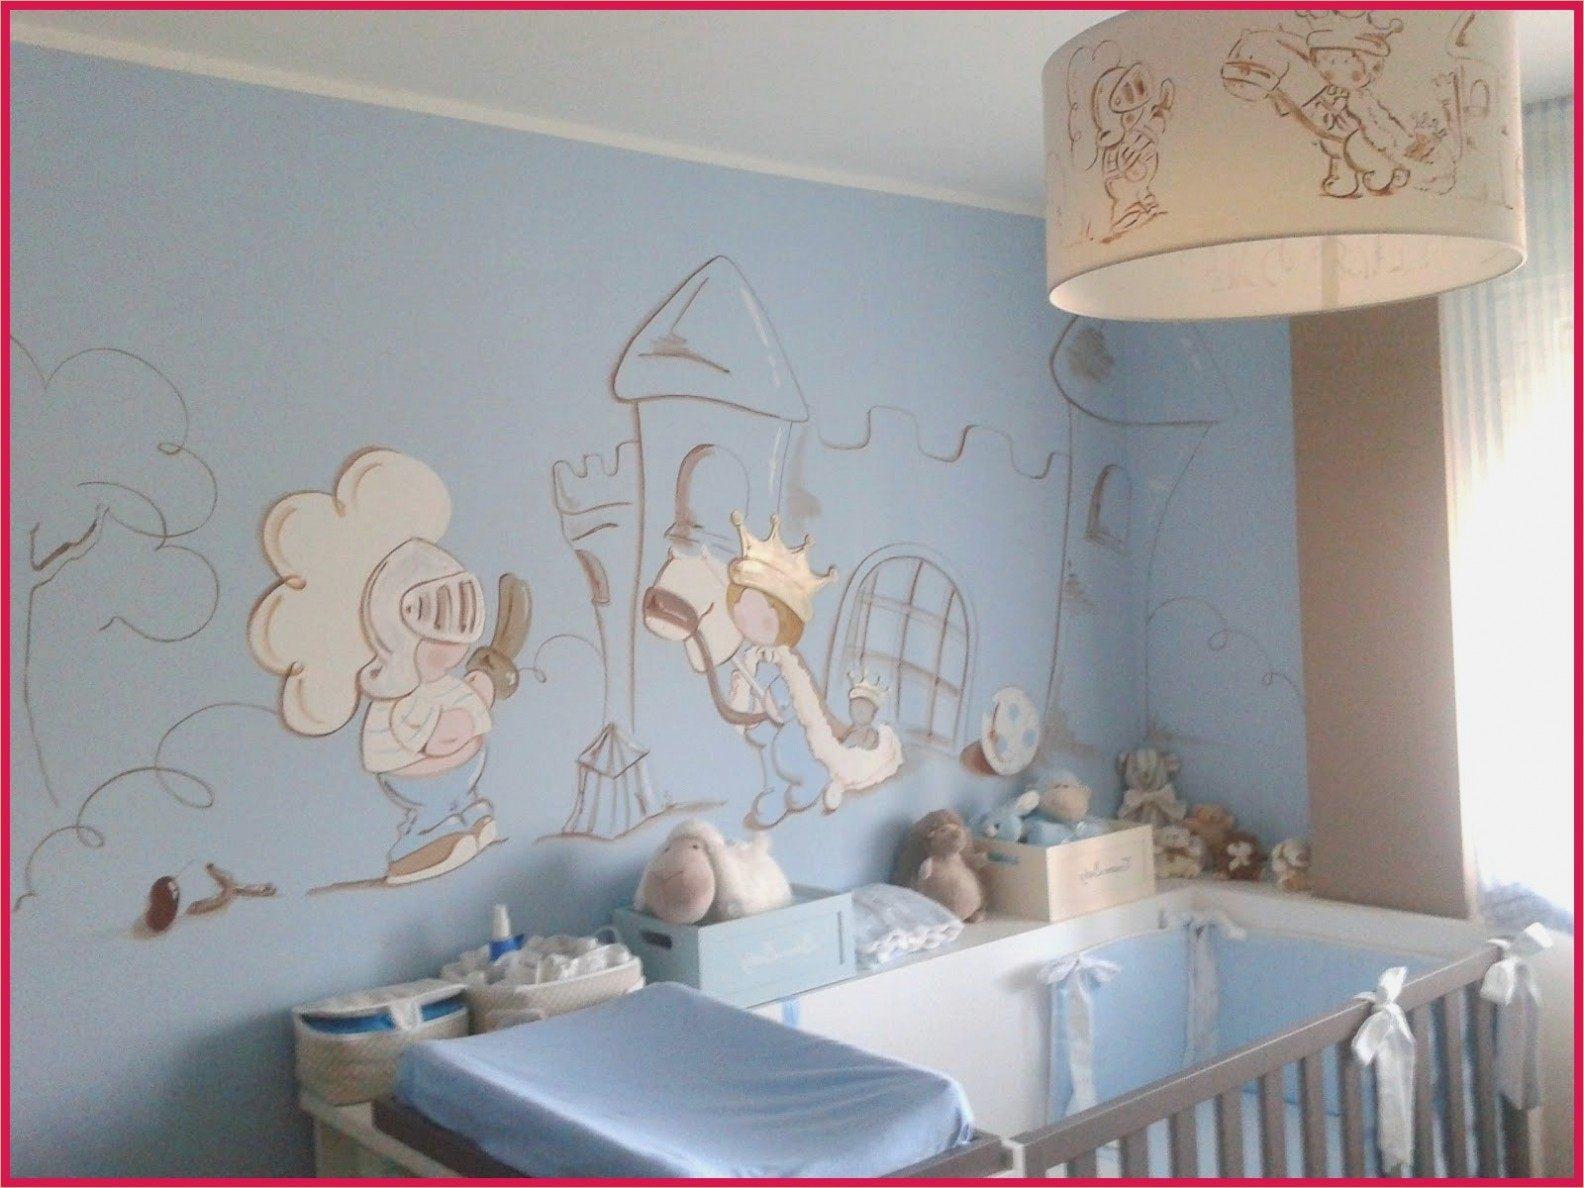 Lit Bébé Berceau Inspirant Lesmeubles Meuble Chambre Bébé — Lesmeubles